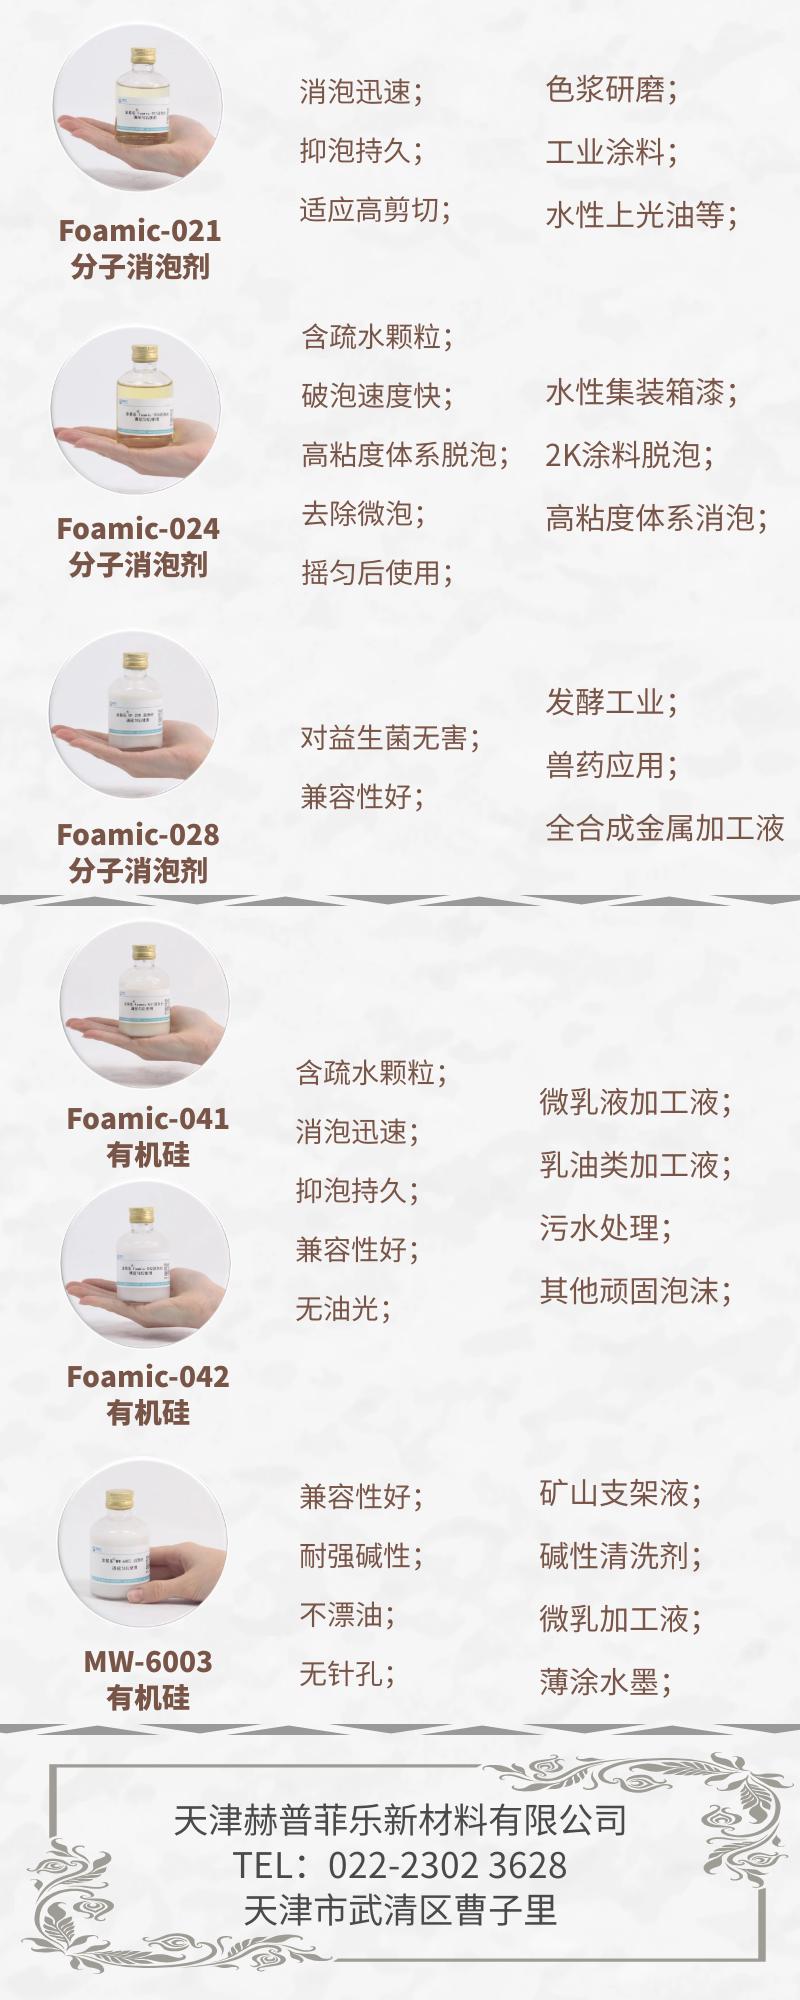 涂易乐消泡剂介绍2.png